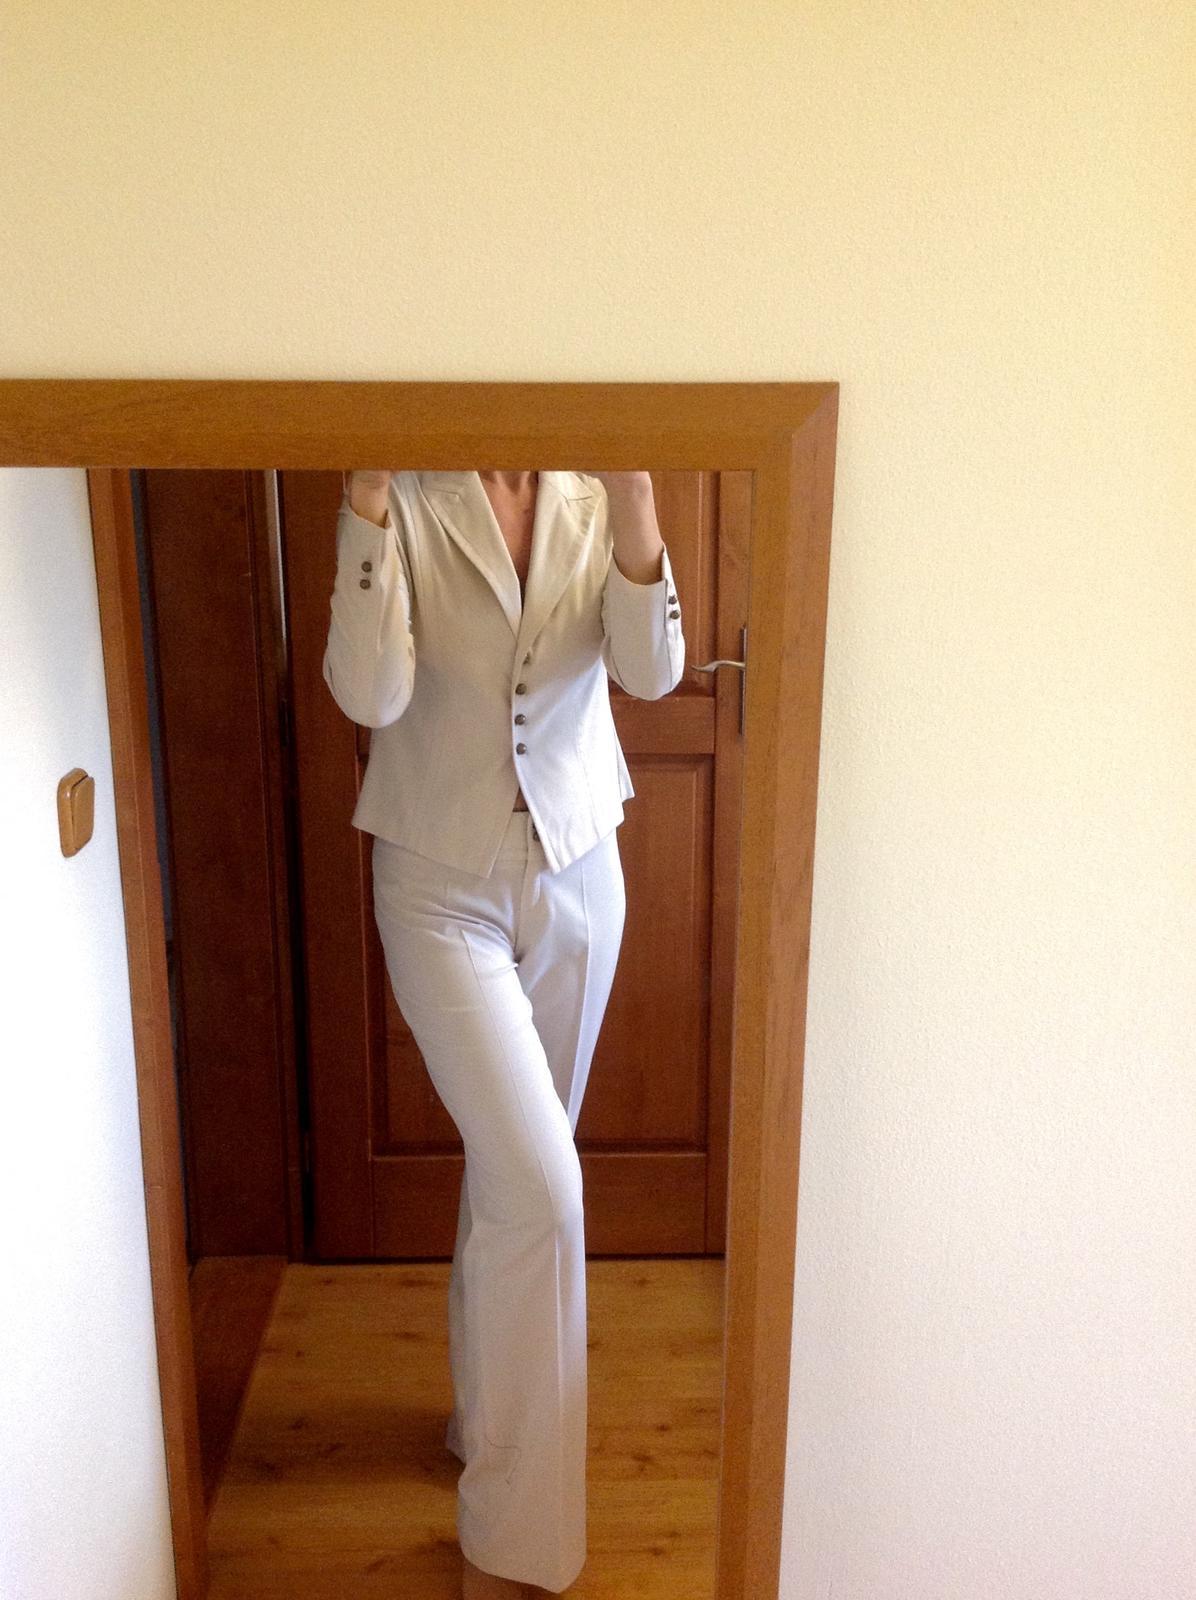 Nohavicový kostým na vyššiu postavu - Obrázok č. 1